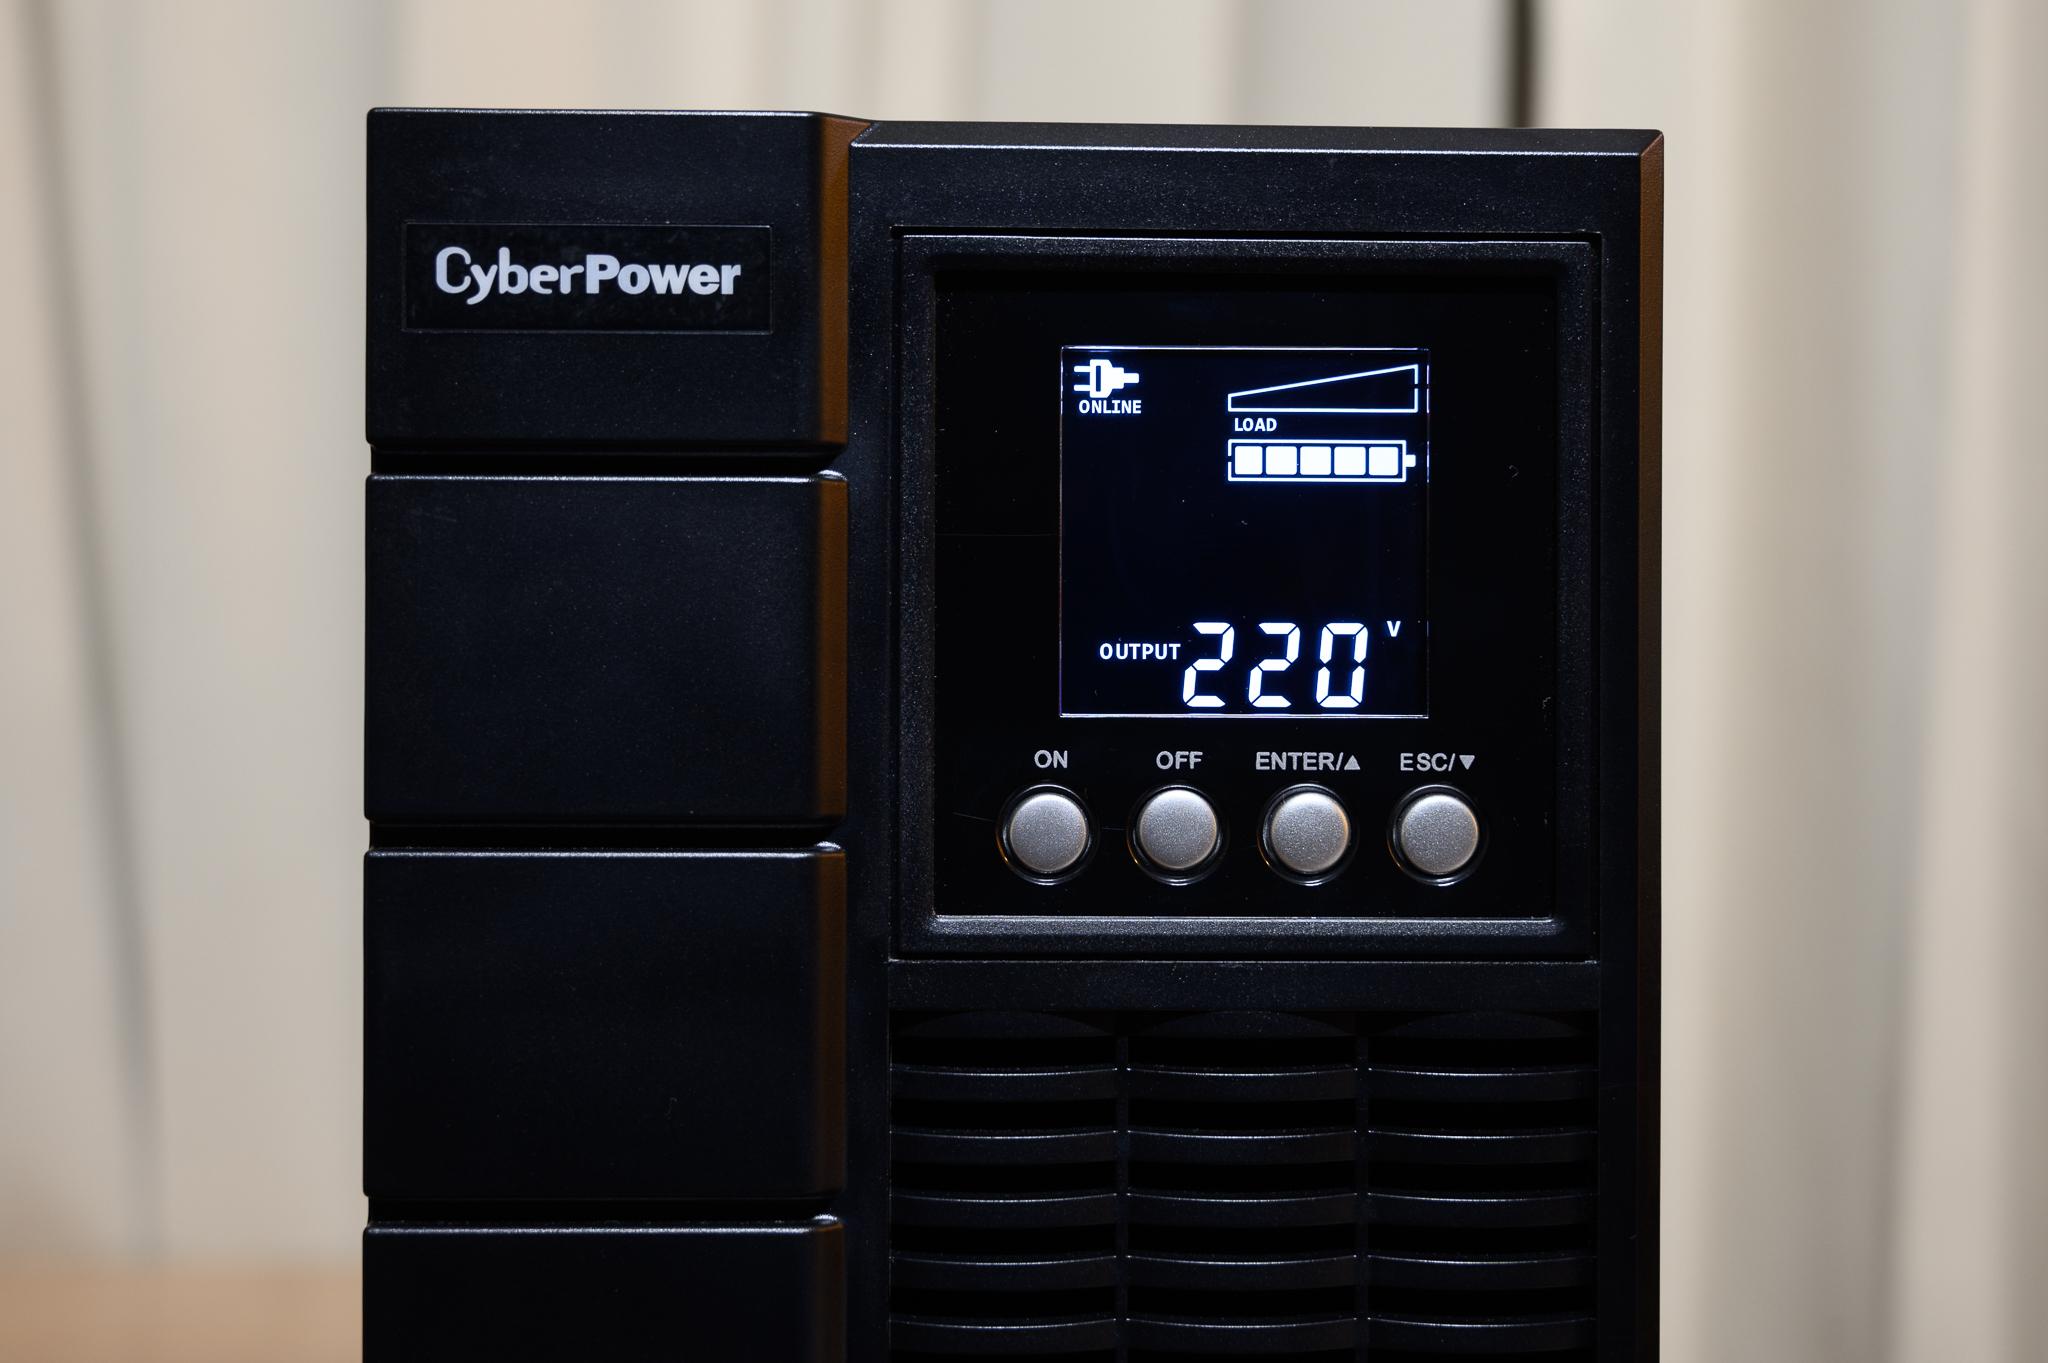 เครื่องสำรองไฟฟ้า CyberPower